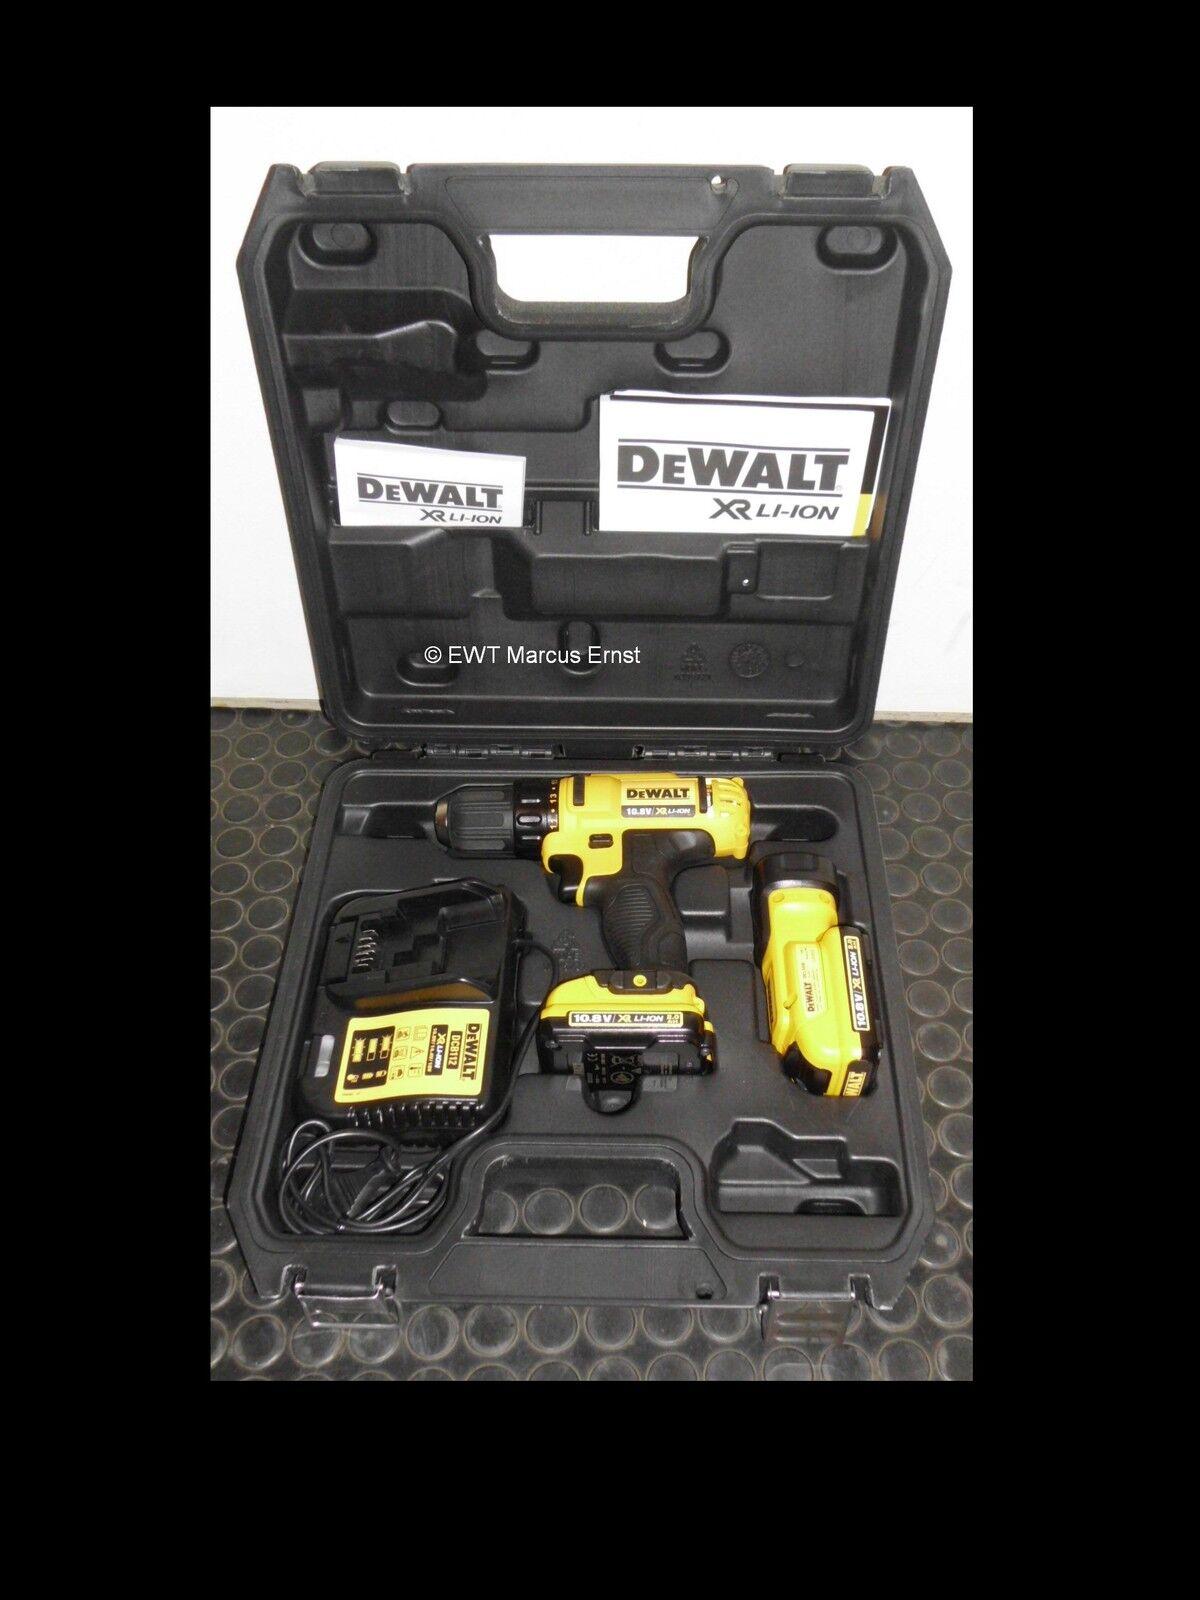 DEWALT Akku Bohrschrauber Set DCD710D2F 10,8V 2x 2.0Ah Akkus mit Lampe  DCD710